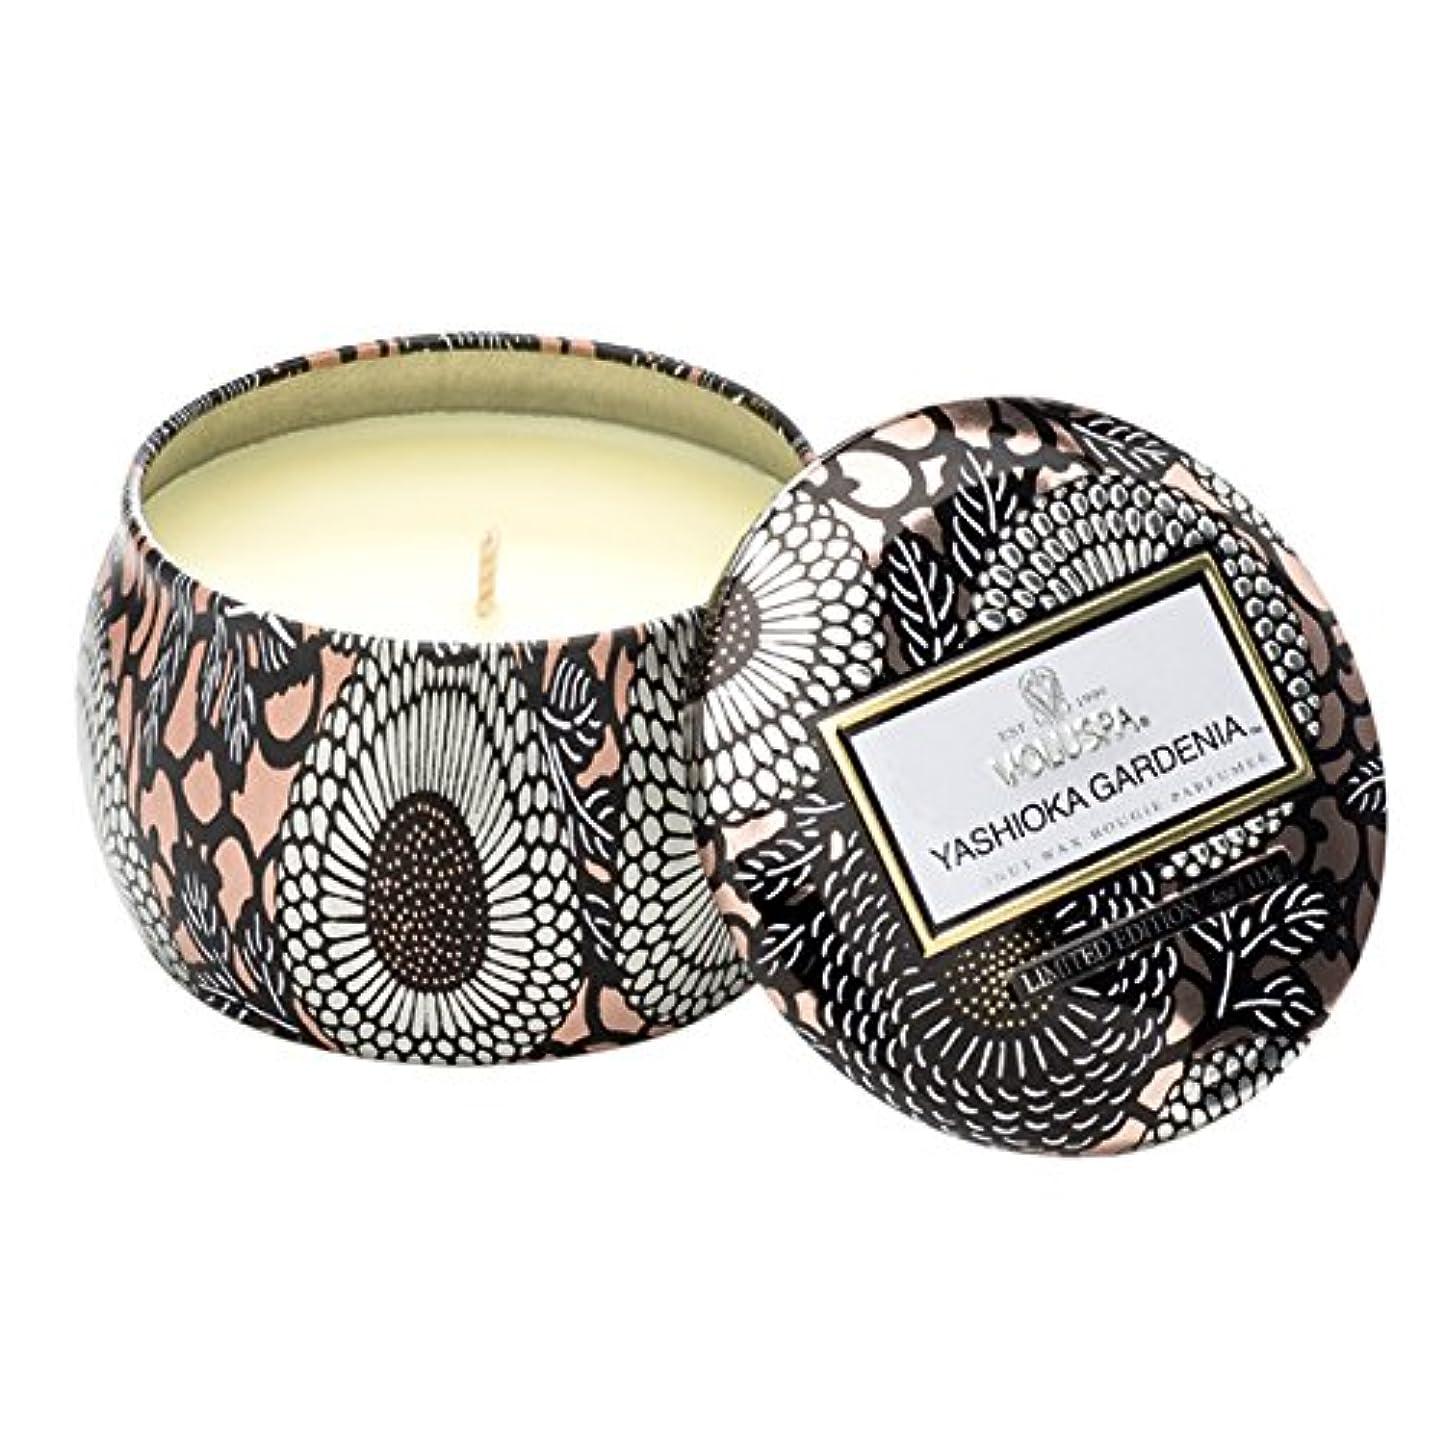 ダンプ細菌信頼できるVoluspa ボルスパ ジャポニカ リミテッド ティンキャンドル  S ヤシオカガーデニア YASHIOKA GARDENIA JAPONICA Limited PETITE Tin Glass Candle